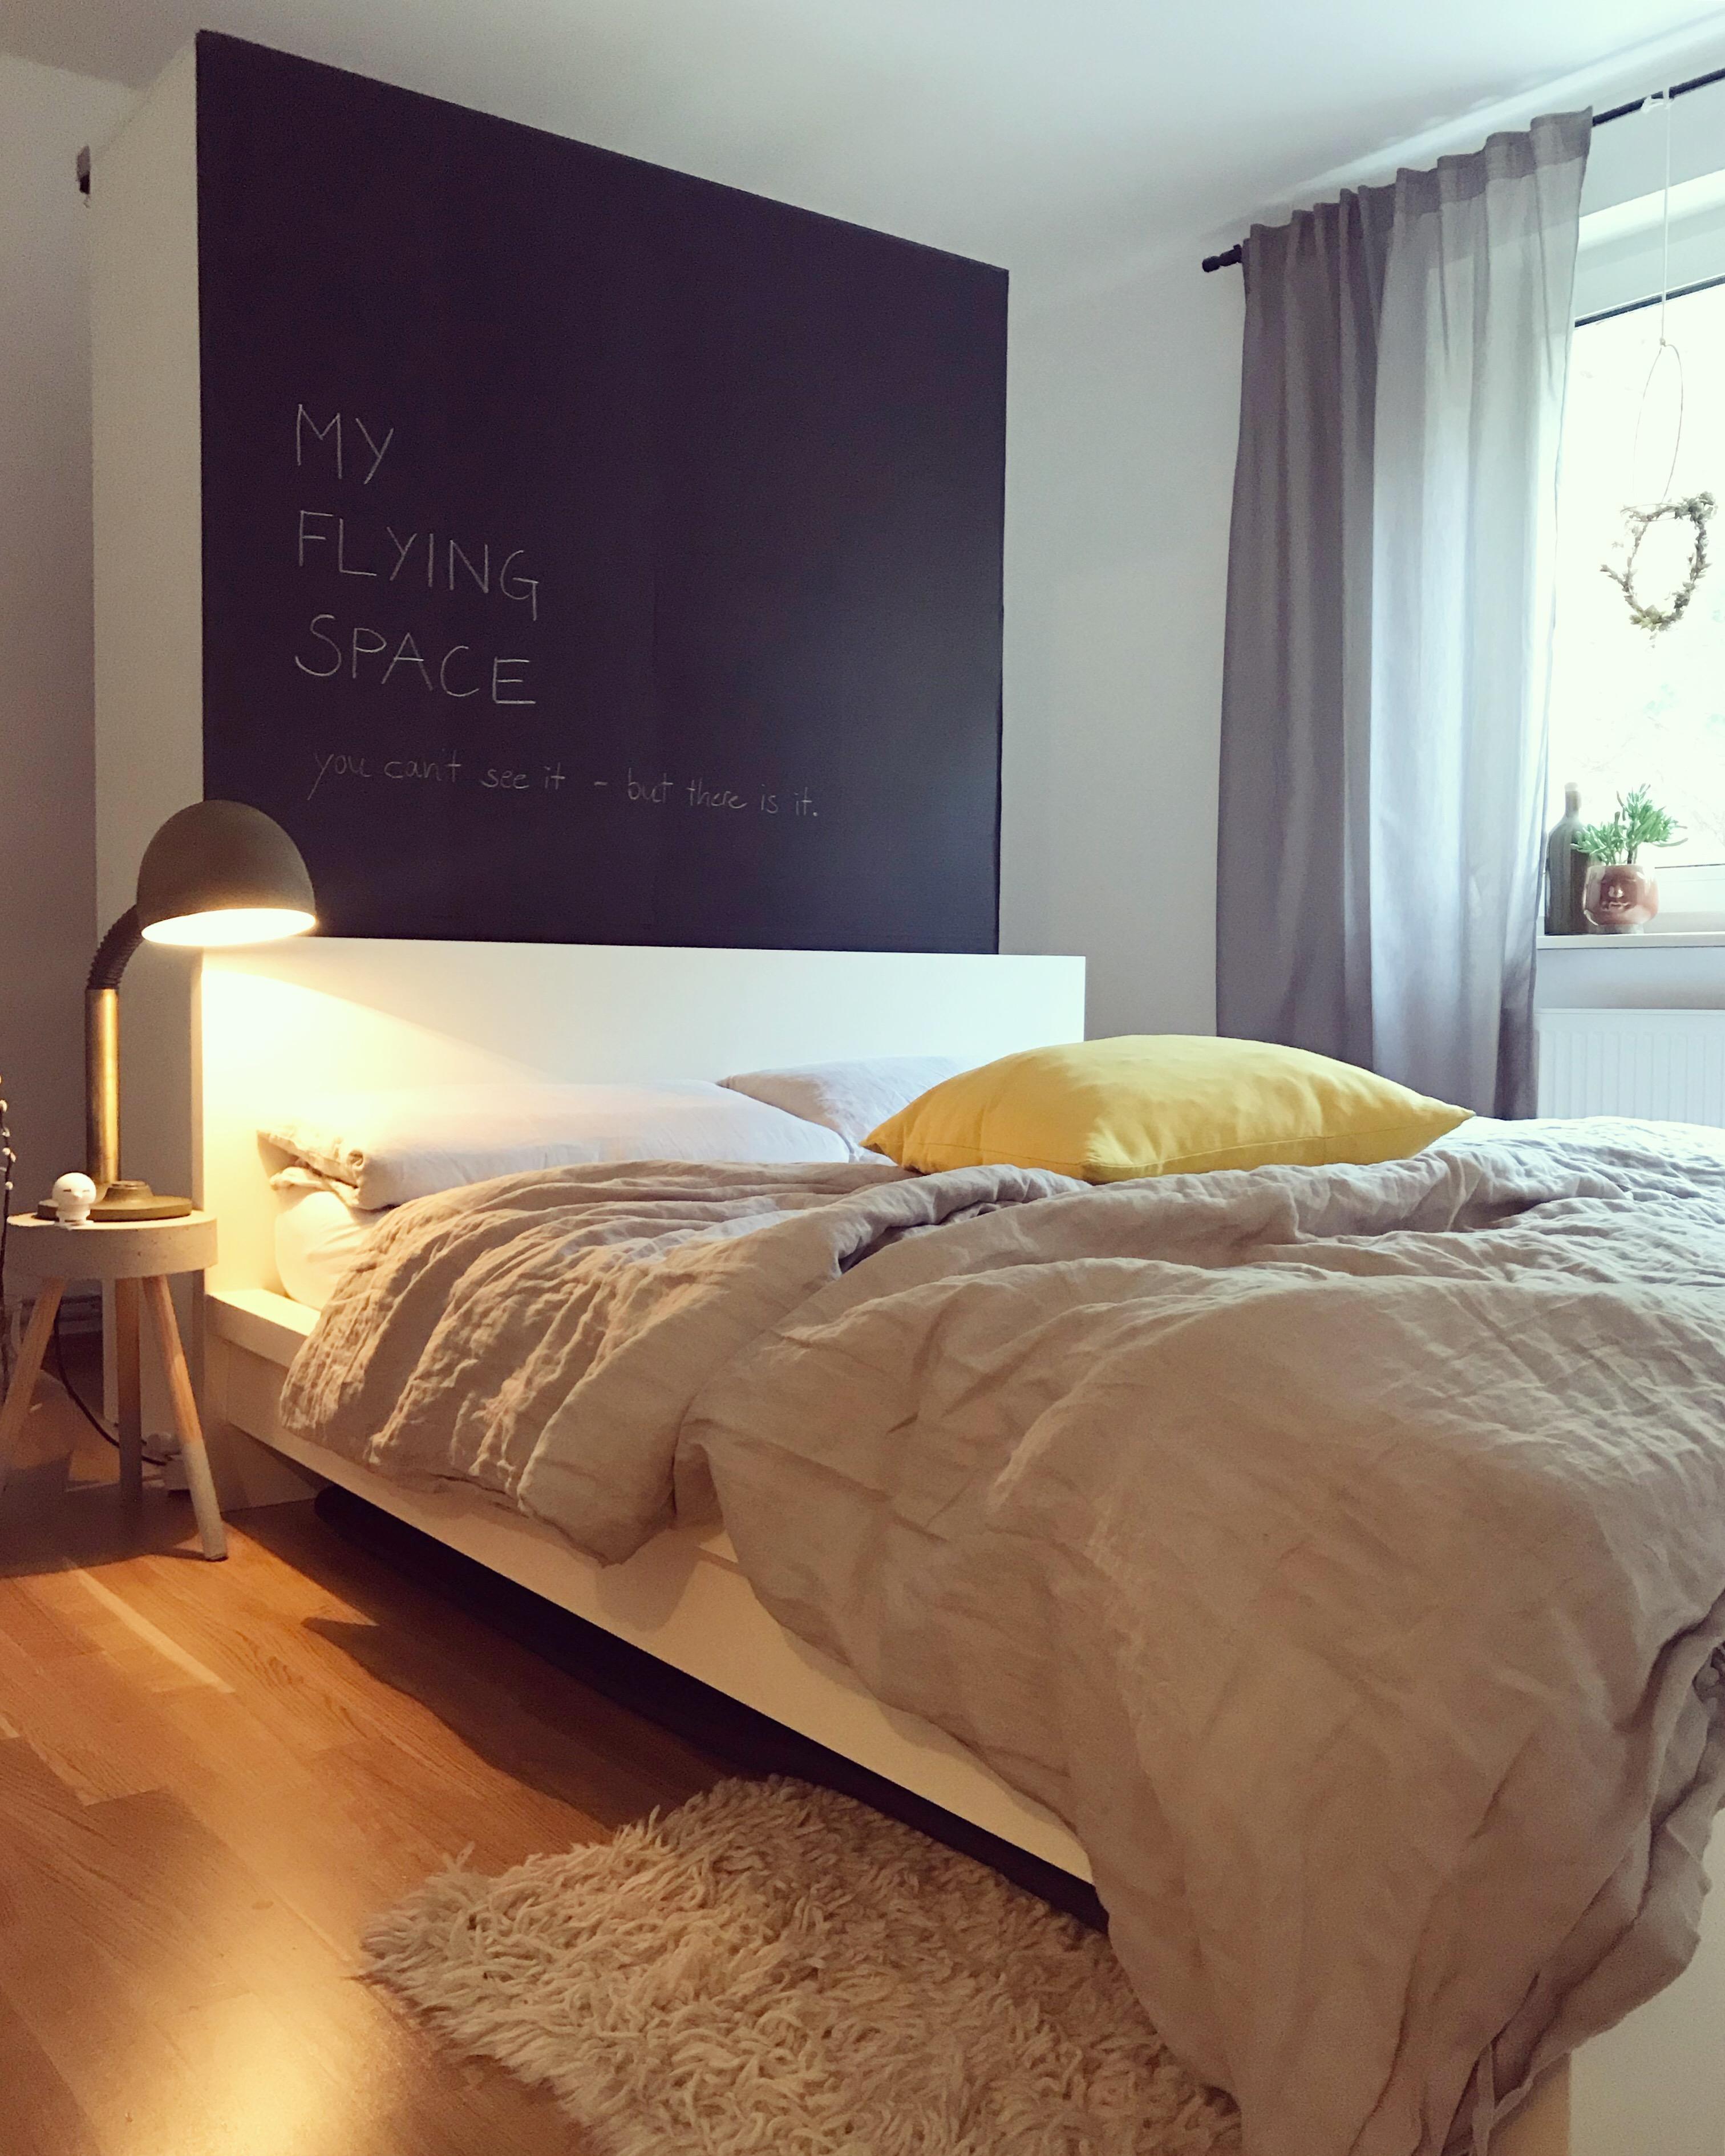 Keinen Platz für eine Ankleide? Schlafzimmer umstell...